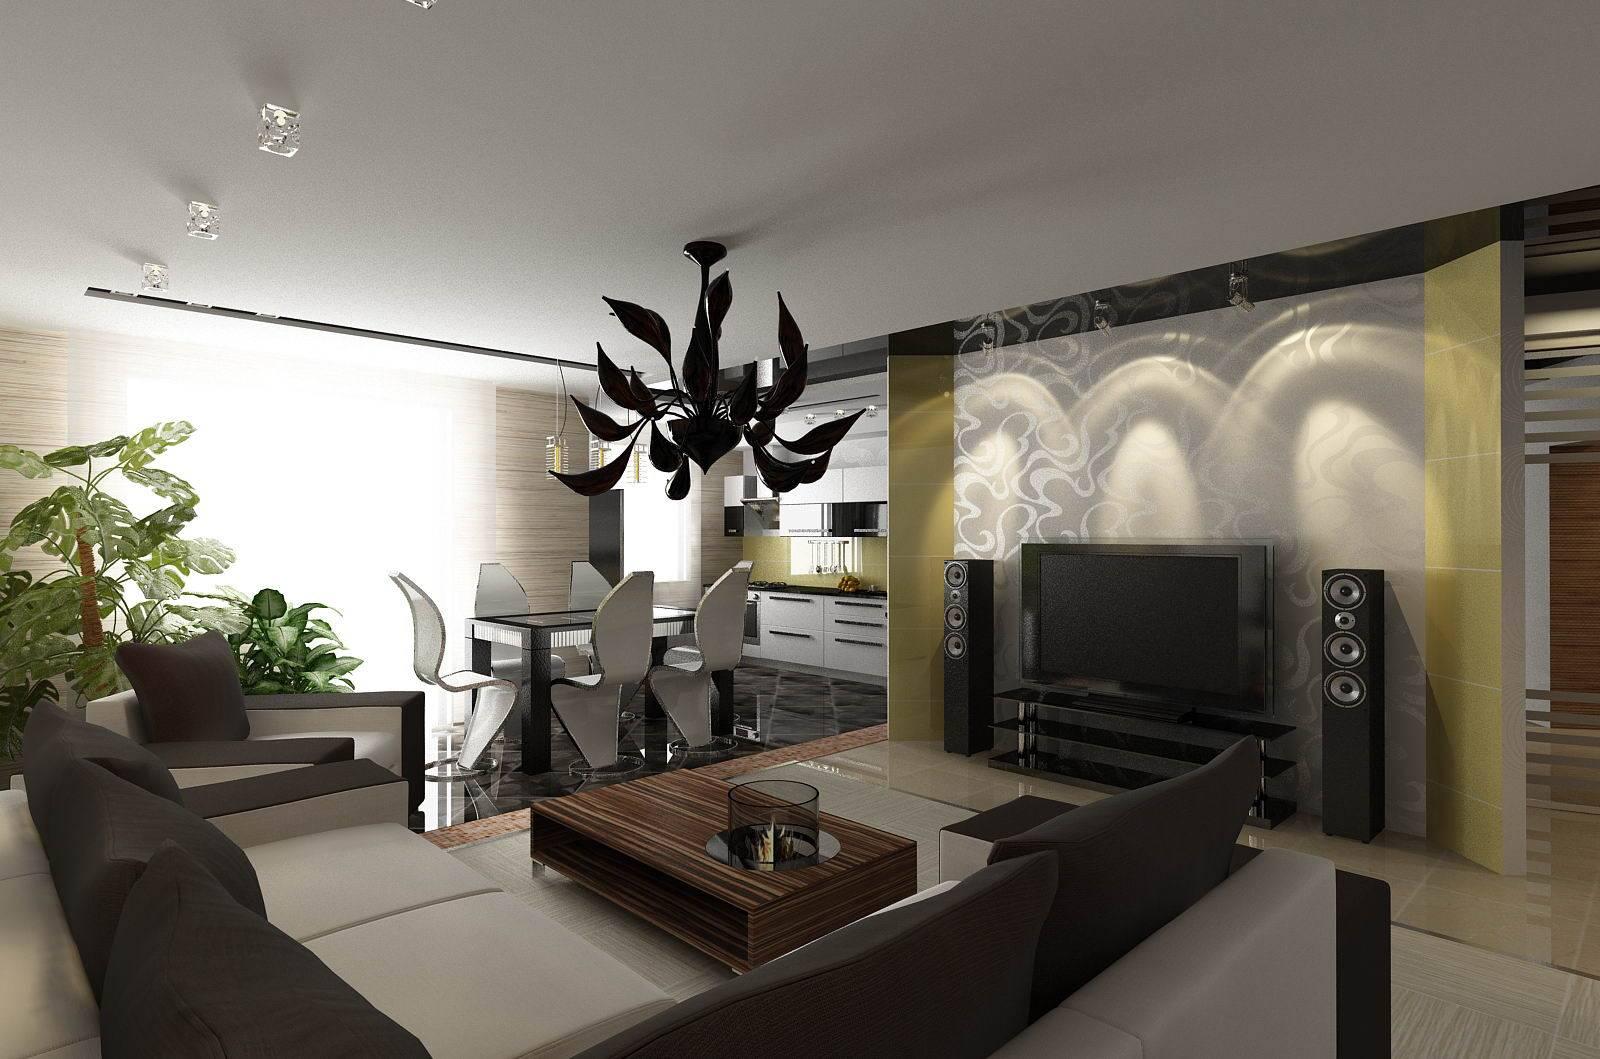 Дизайн кухни-гостиной 20 кв.м: фото и рекомендации